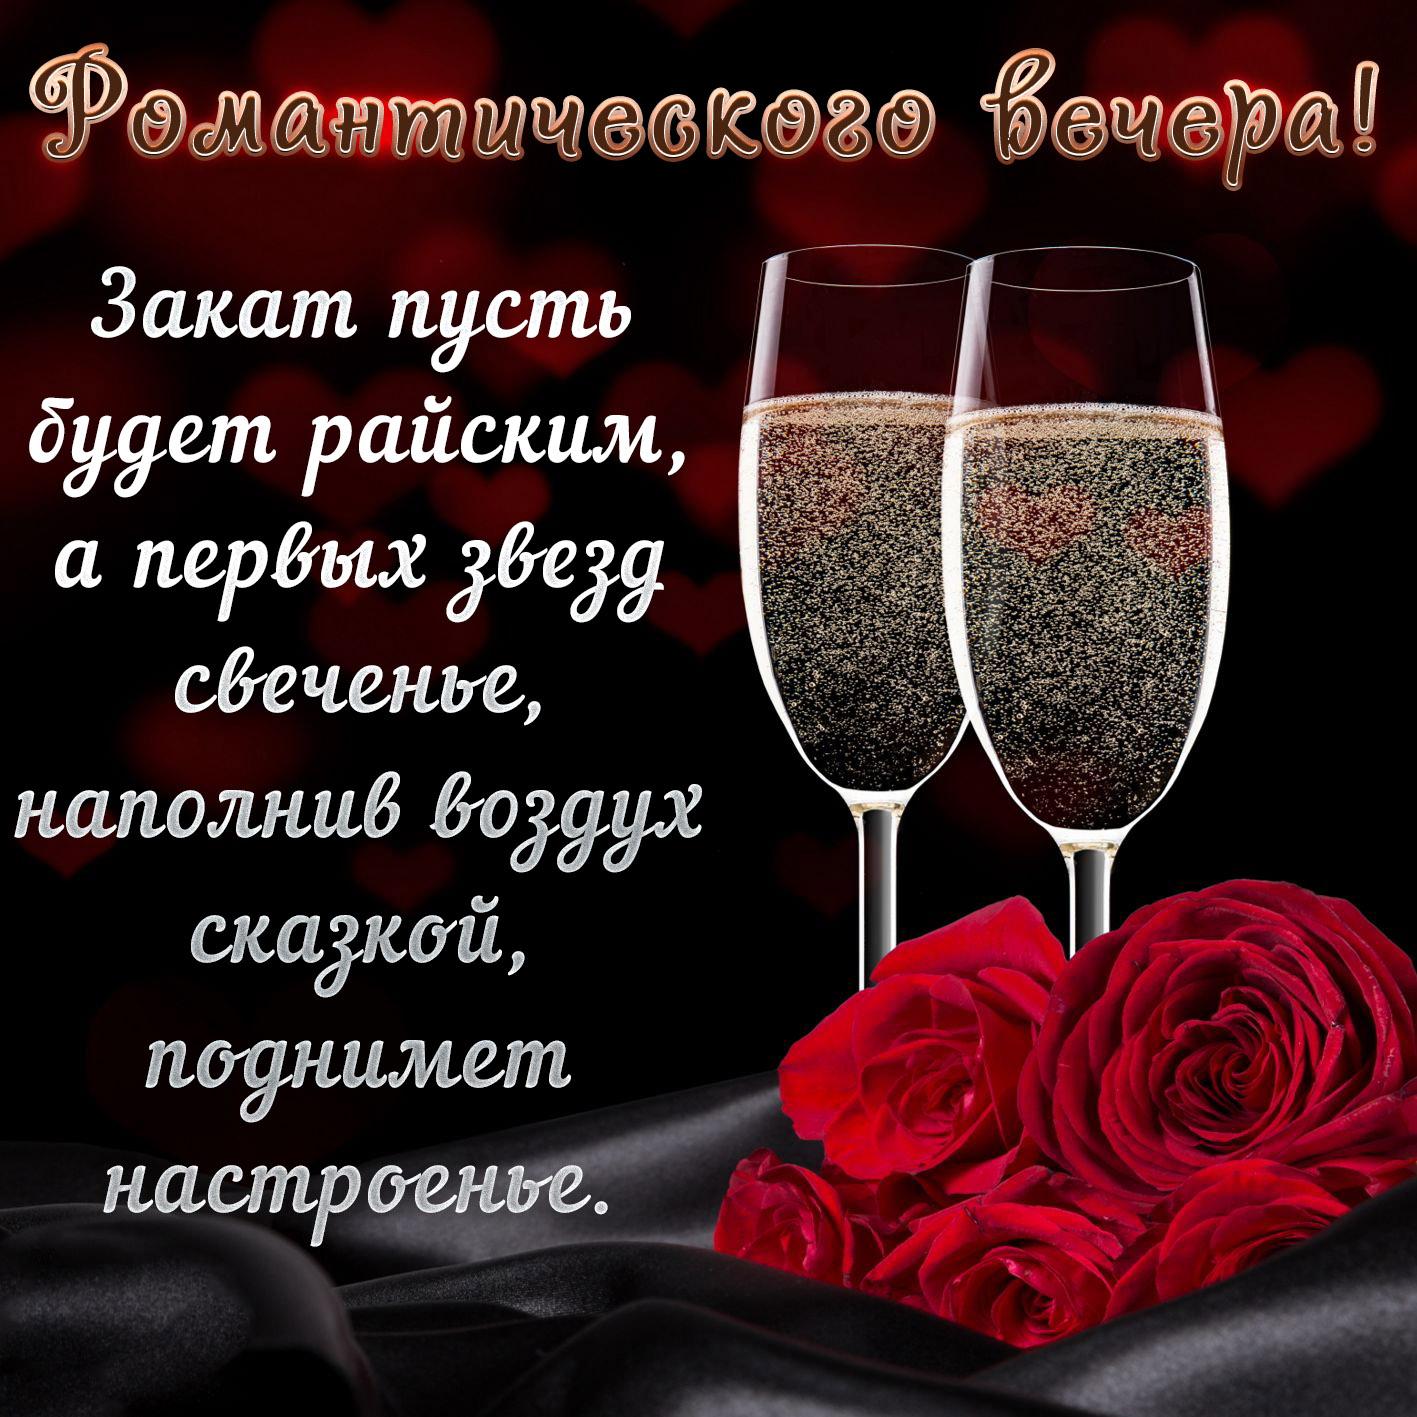 Романтические поздравления картинки